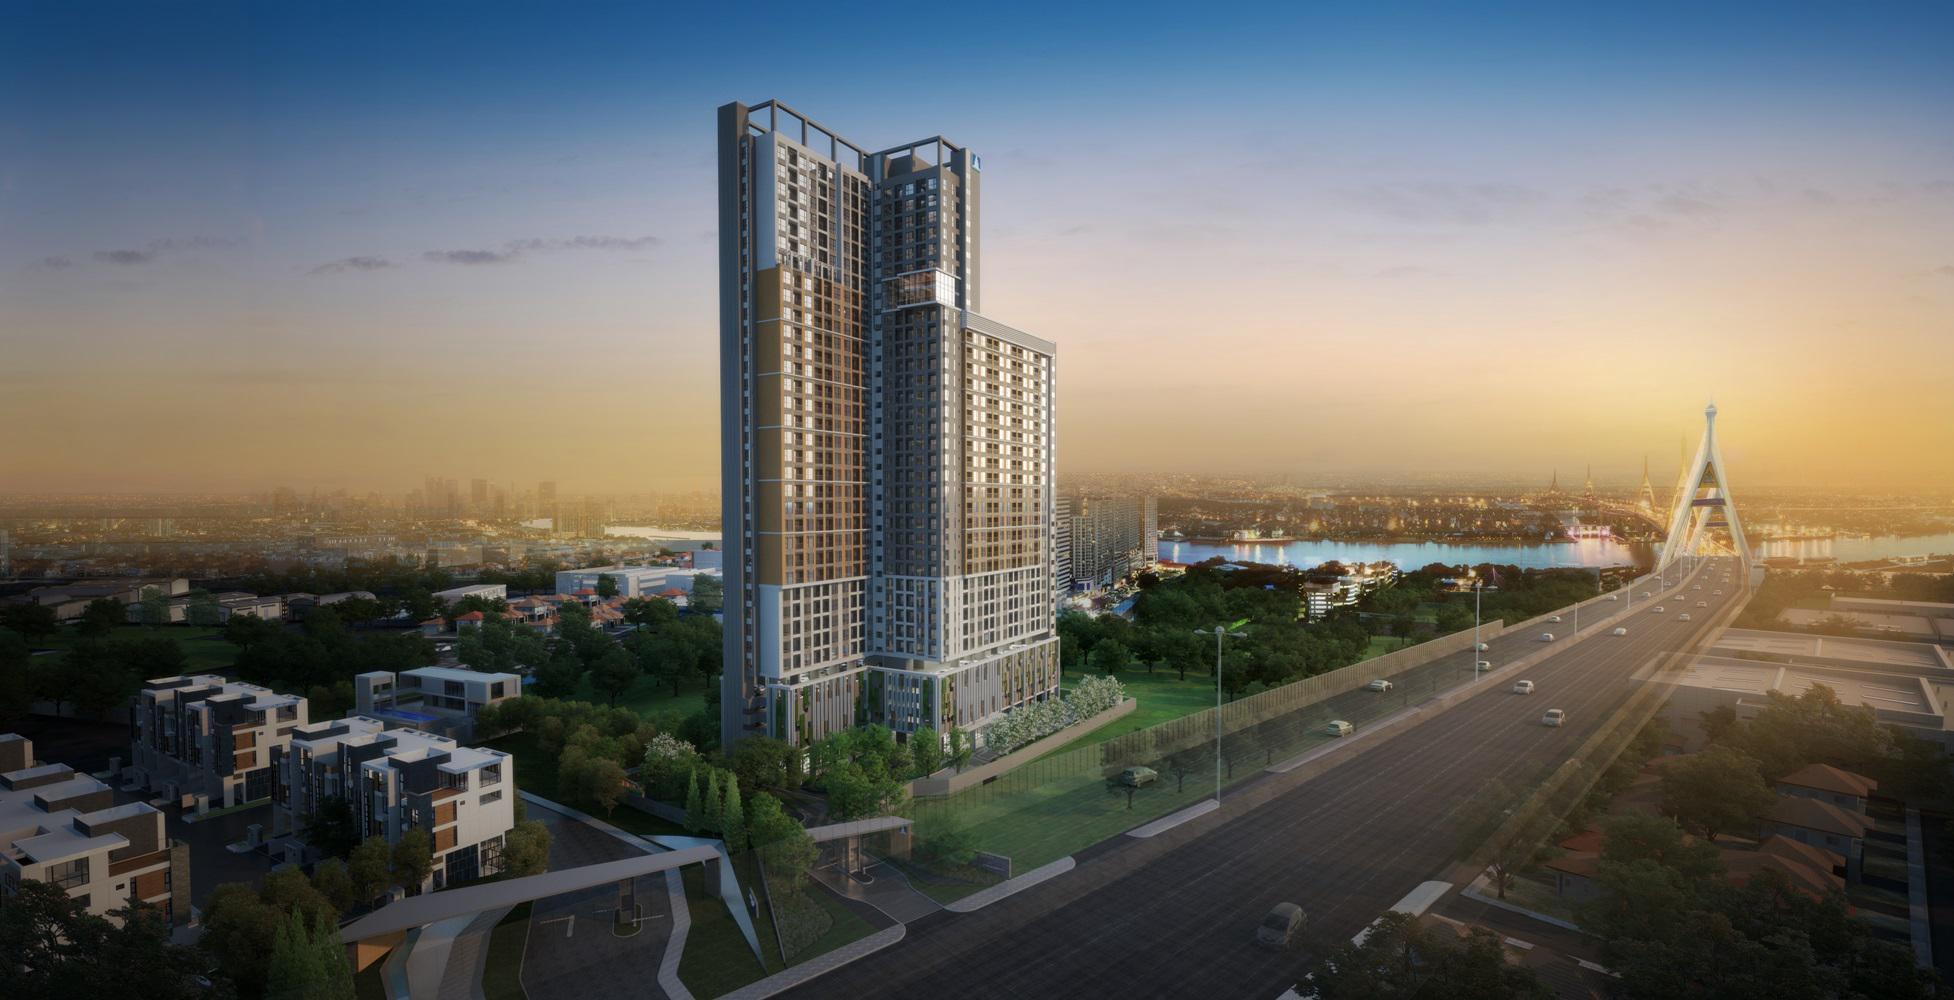 รูปหน้าปก  [Preview] พรีวิวคอนโด ลุมพินี เพลส พระราม 3 - ริเวอร์ไรน์ (Lumpini Place Rama 3- Riverine) คอนโดบนวิวโค้งแม่น้ำที่สวยที่สุด ราคาเริ่ม 1.78 ล้านบาท